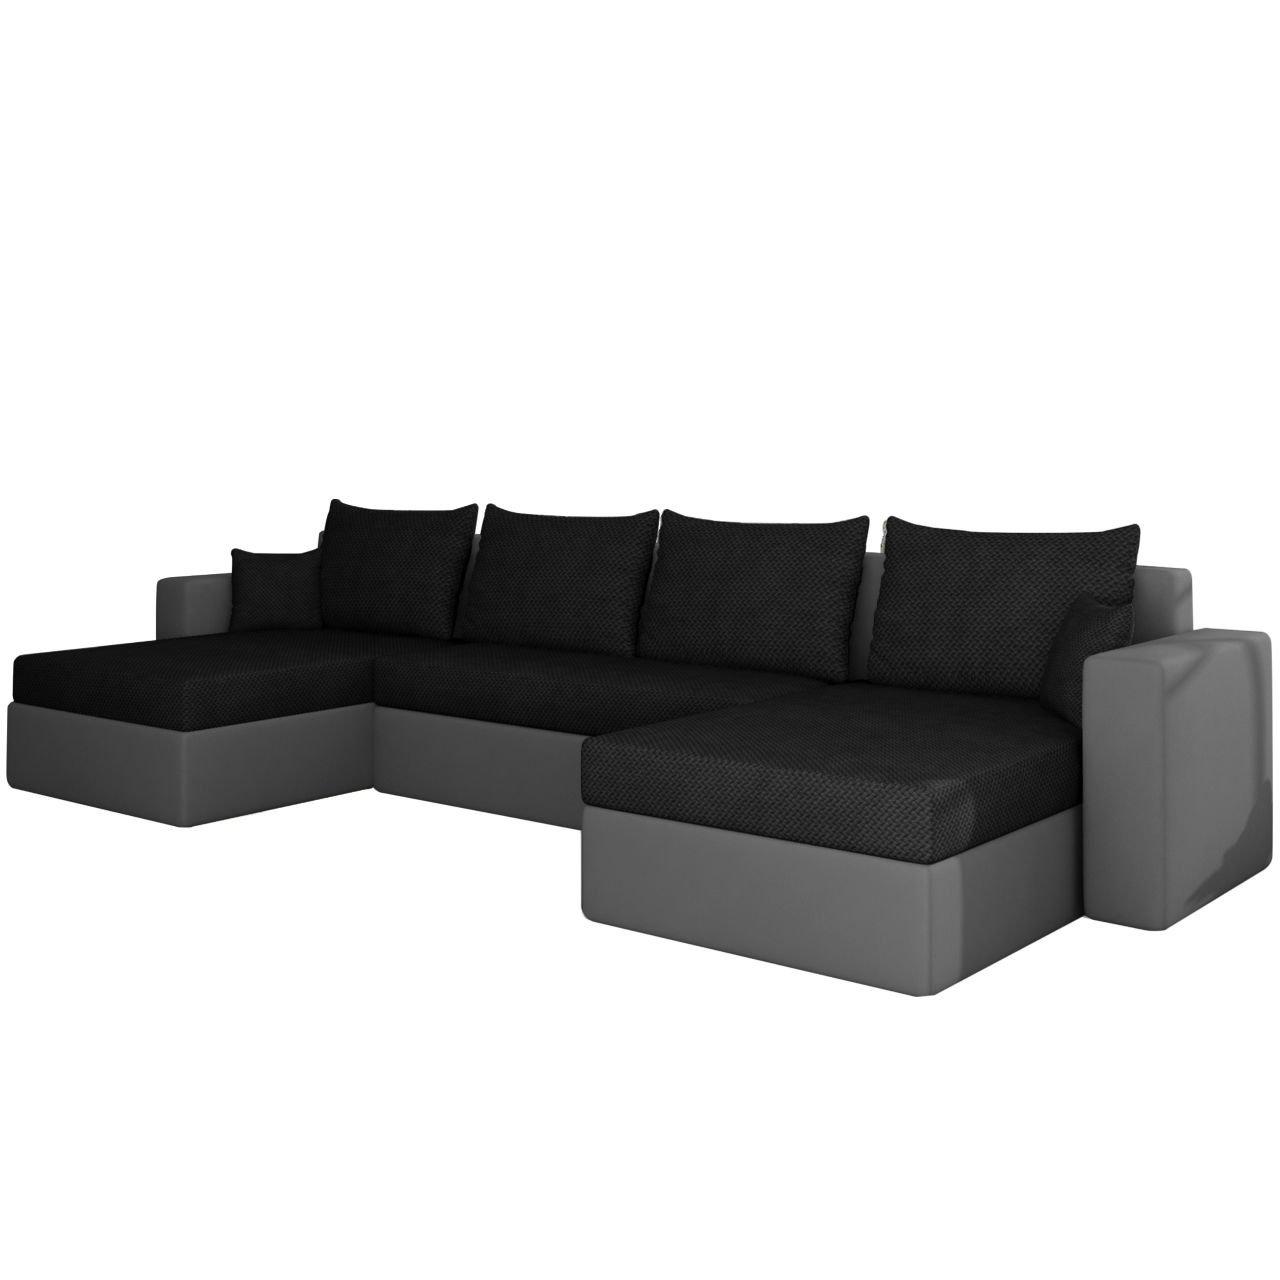 ecksofa sofa couchgarnitur couch rumba smart wohnlandschaft mit schlaffunktion und bettkasten. Black Bedroom Furniture Sets. Home Design Ideas